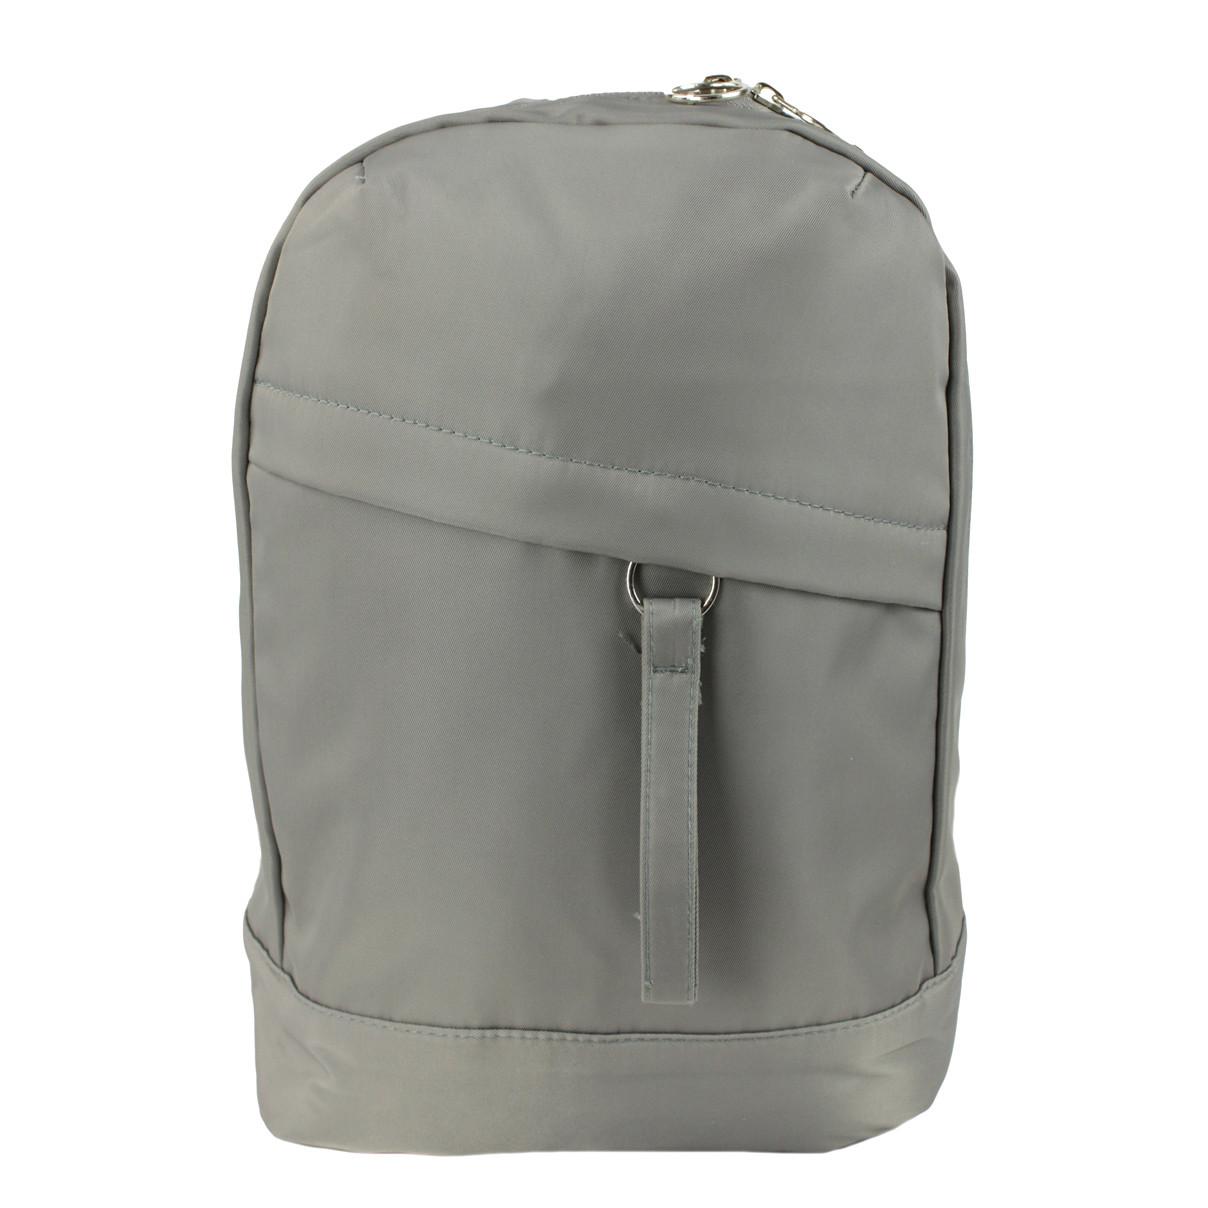 Рюкзак городской тканевый Slo серый